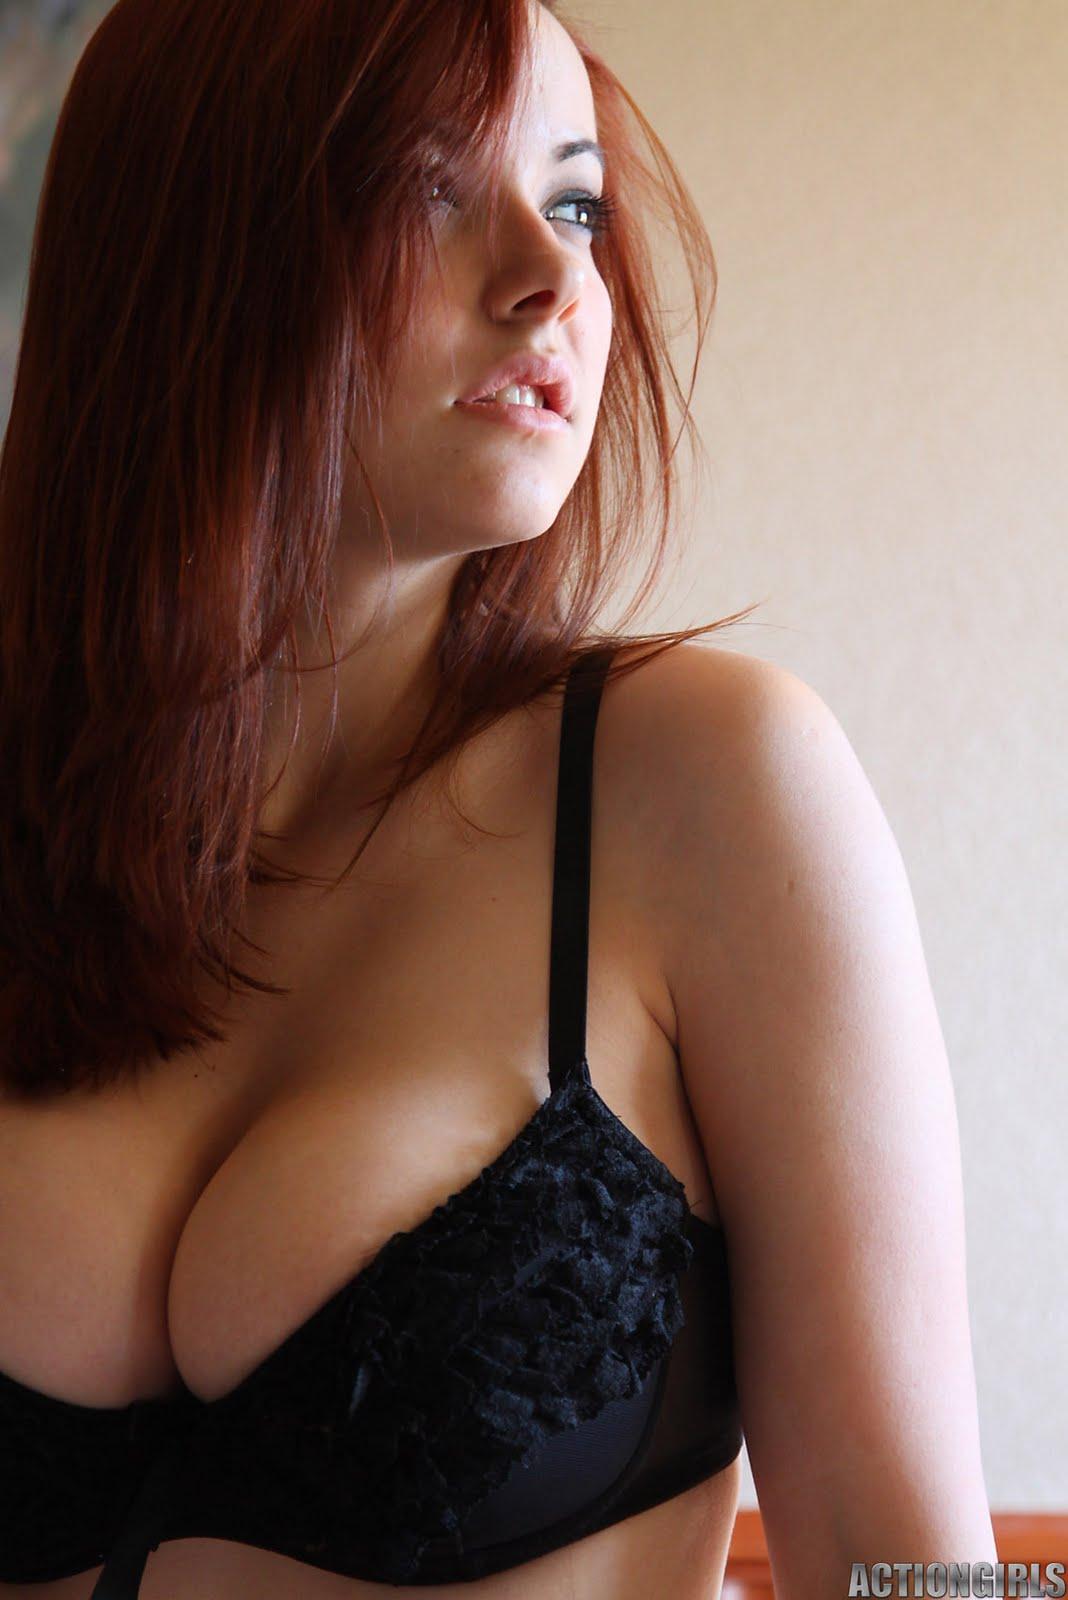 http://4.bp.blogspot.com/-6jC3eBtUIZs/TXuH5UIFrGI/AAAAAAAACus/YAfbbASsxcM/s1600/actiongirlskatlynnhotel028.jpg